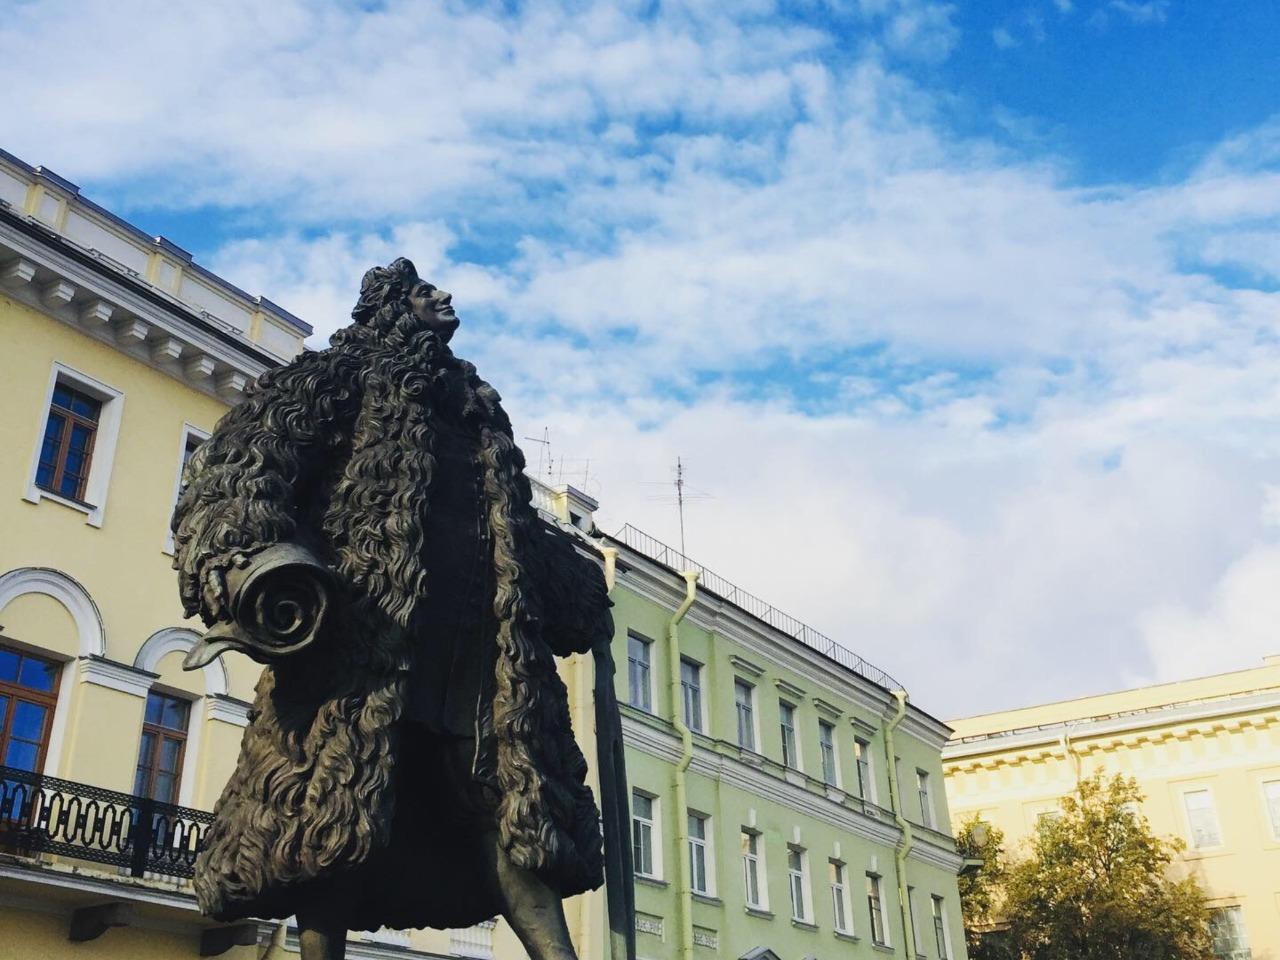 О судьбе великого зодчего Доменико Трезини - индивидуальная экскурсия по Санкт-Петербургу от опытного гида